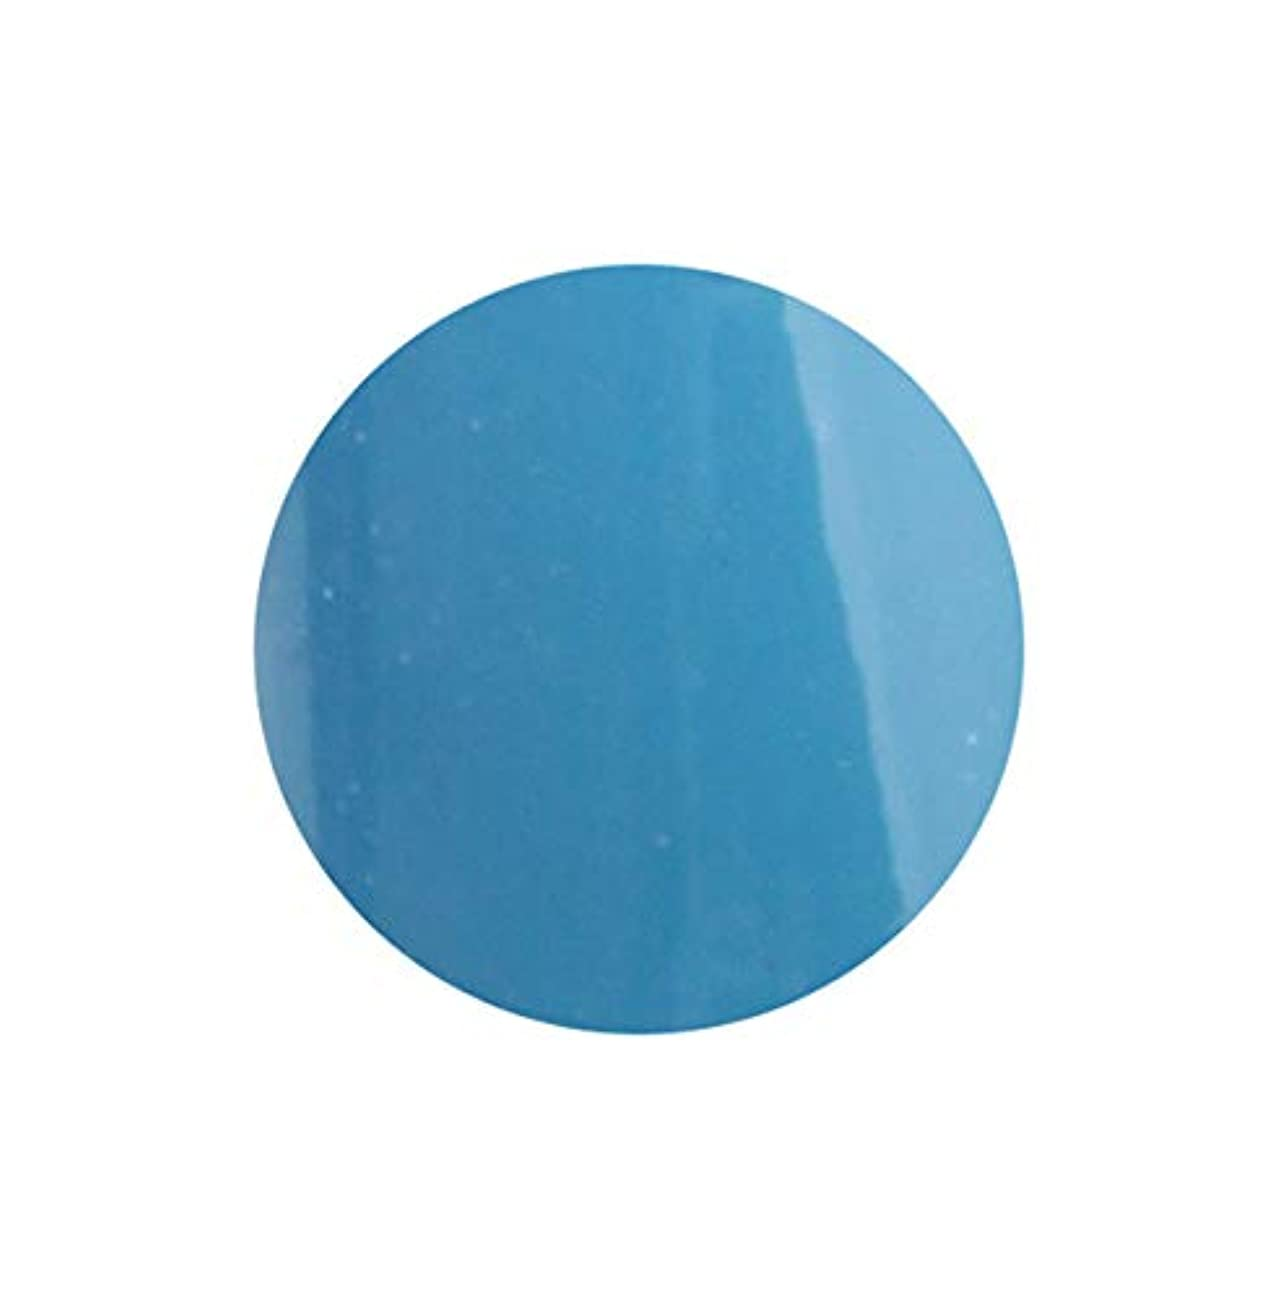 バッグ顔料免除するSHAREYDVA シャレドワ+ ネイルカラー No.35 ターコイズブルー